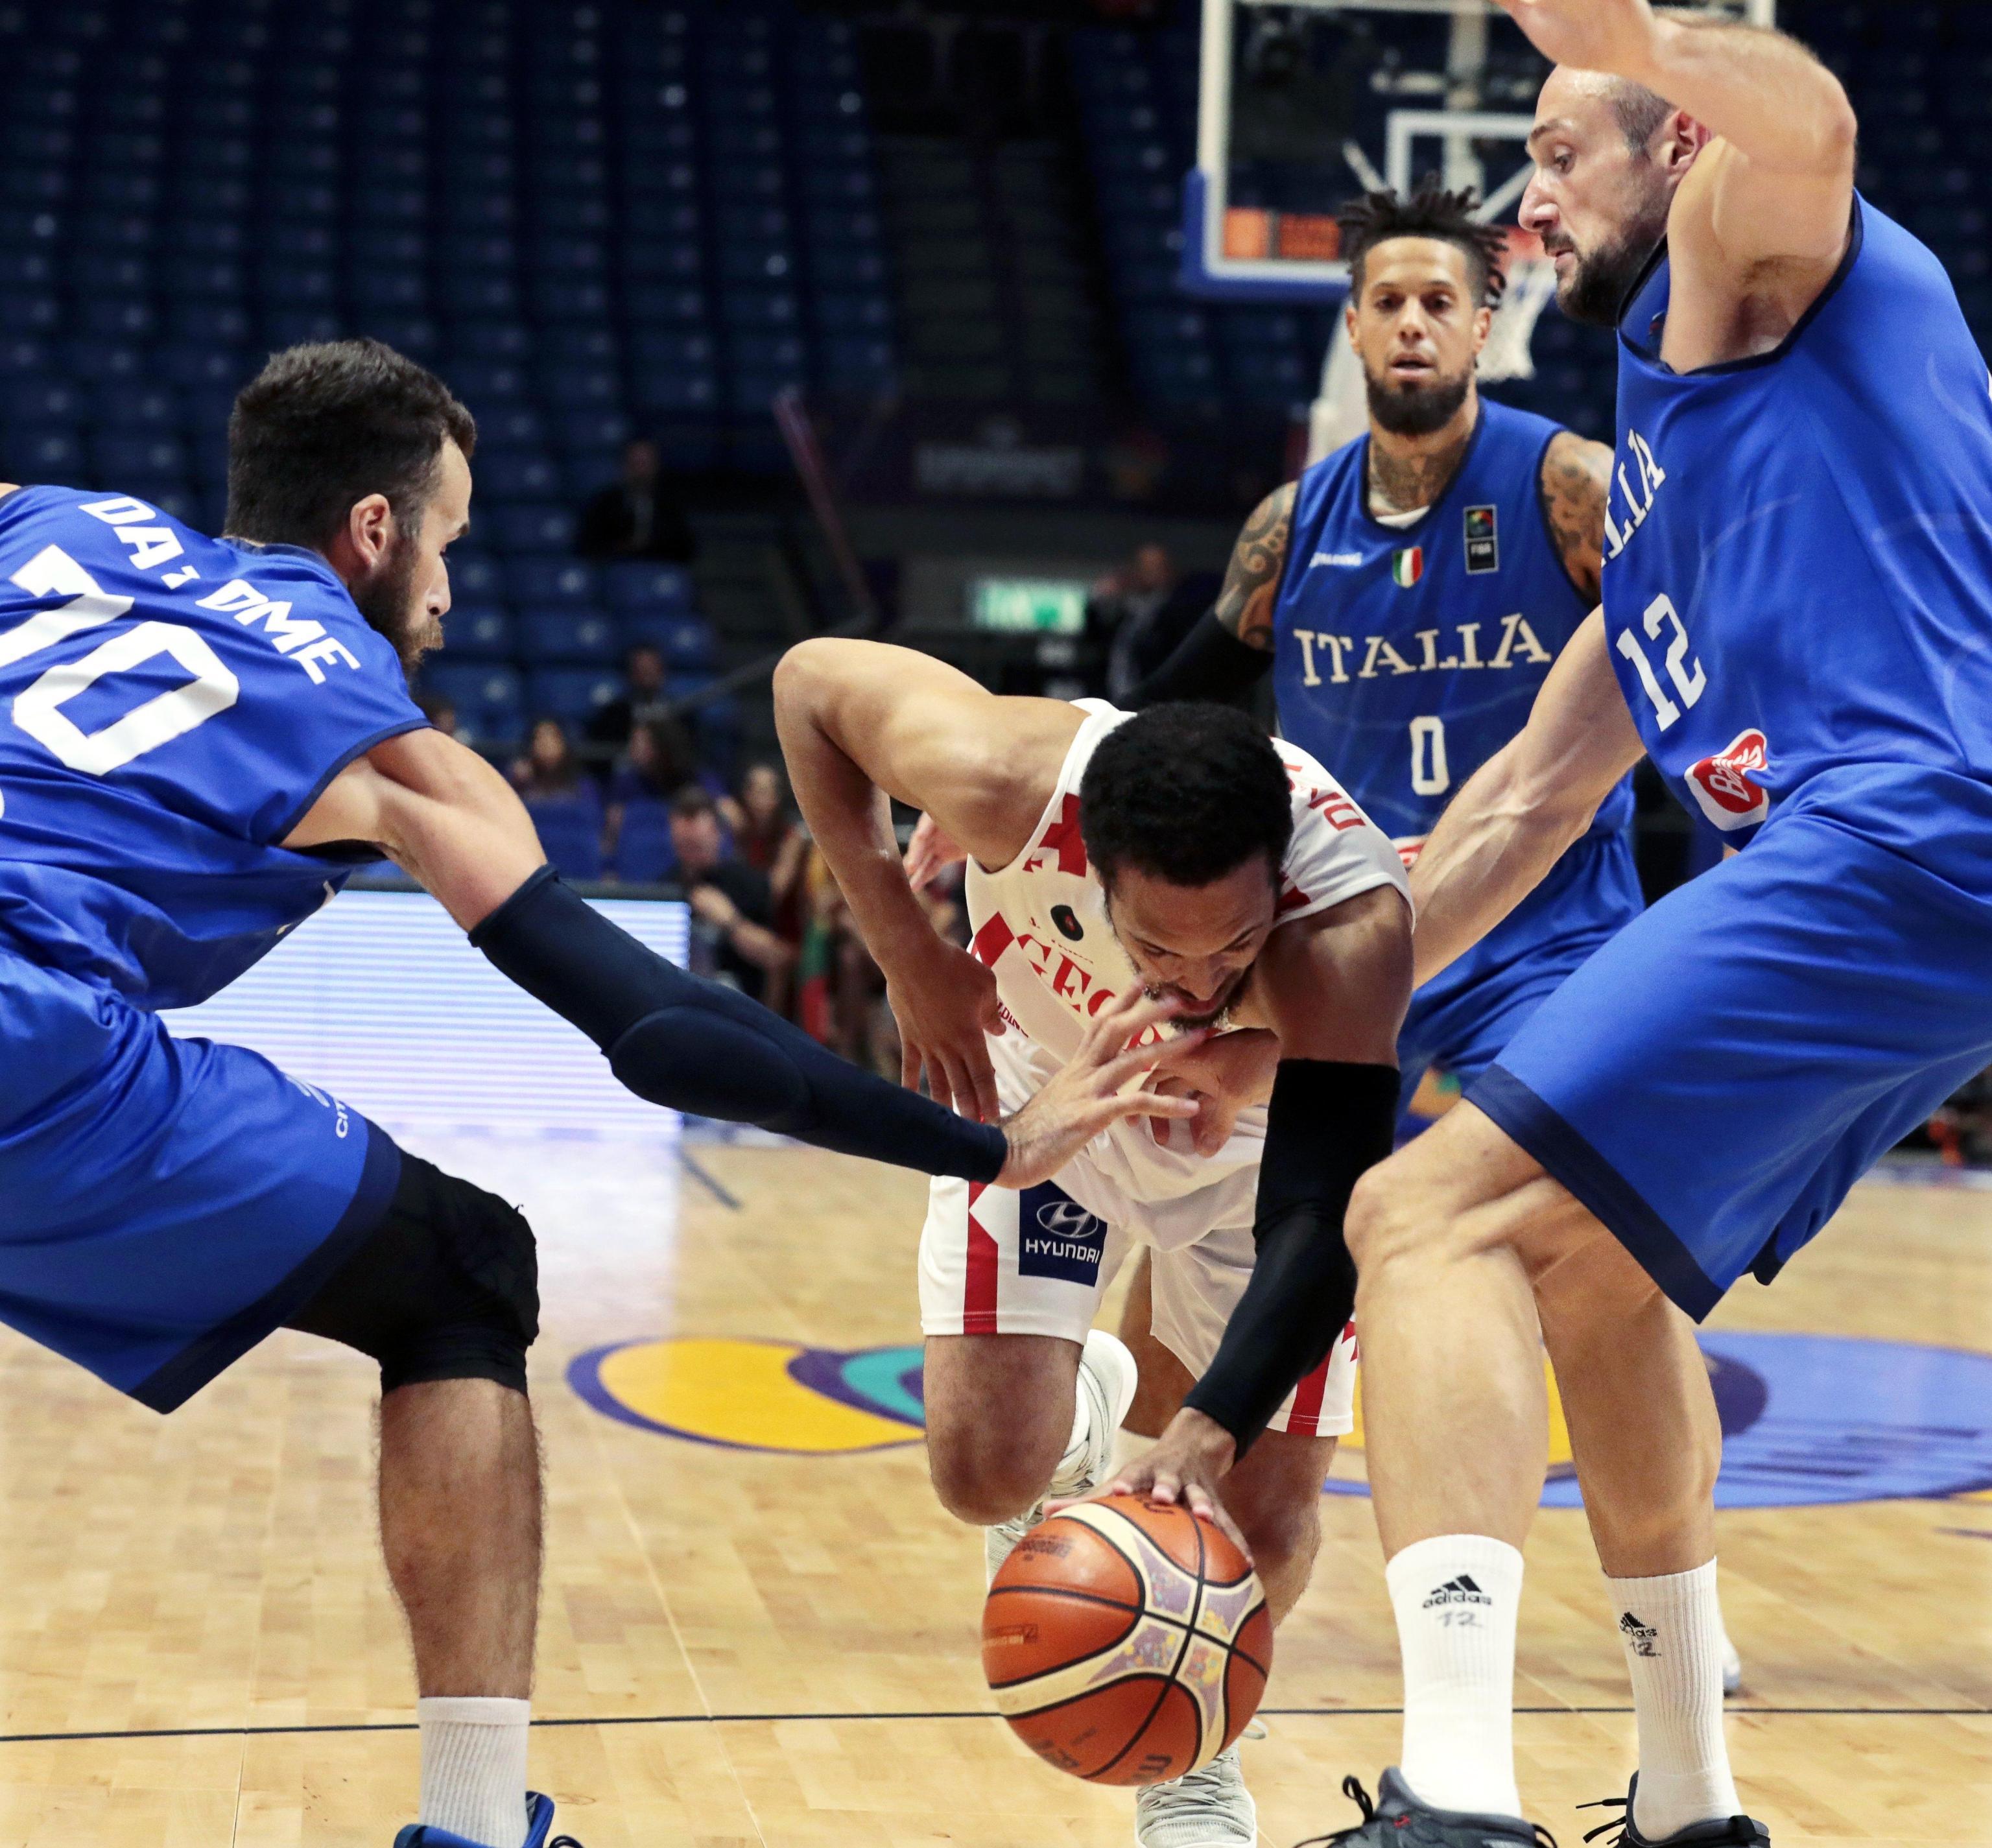 Agli Europei di basket l'Italia chiude la fase a gironi al terzo posto battendo la Georgia 71-69: decisiva negli ultimi secondi una stoppata in difesa di Datome. A Istanbul agli ottavi gli azzurri di Messina sfideranno la Finlandia.